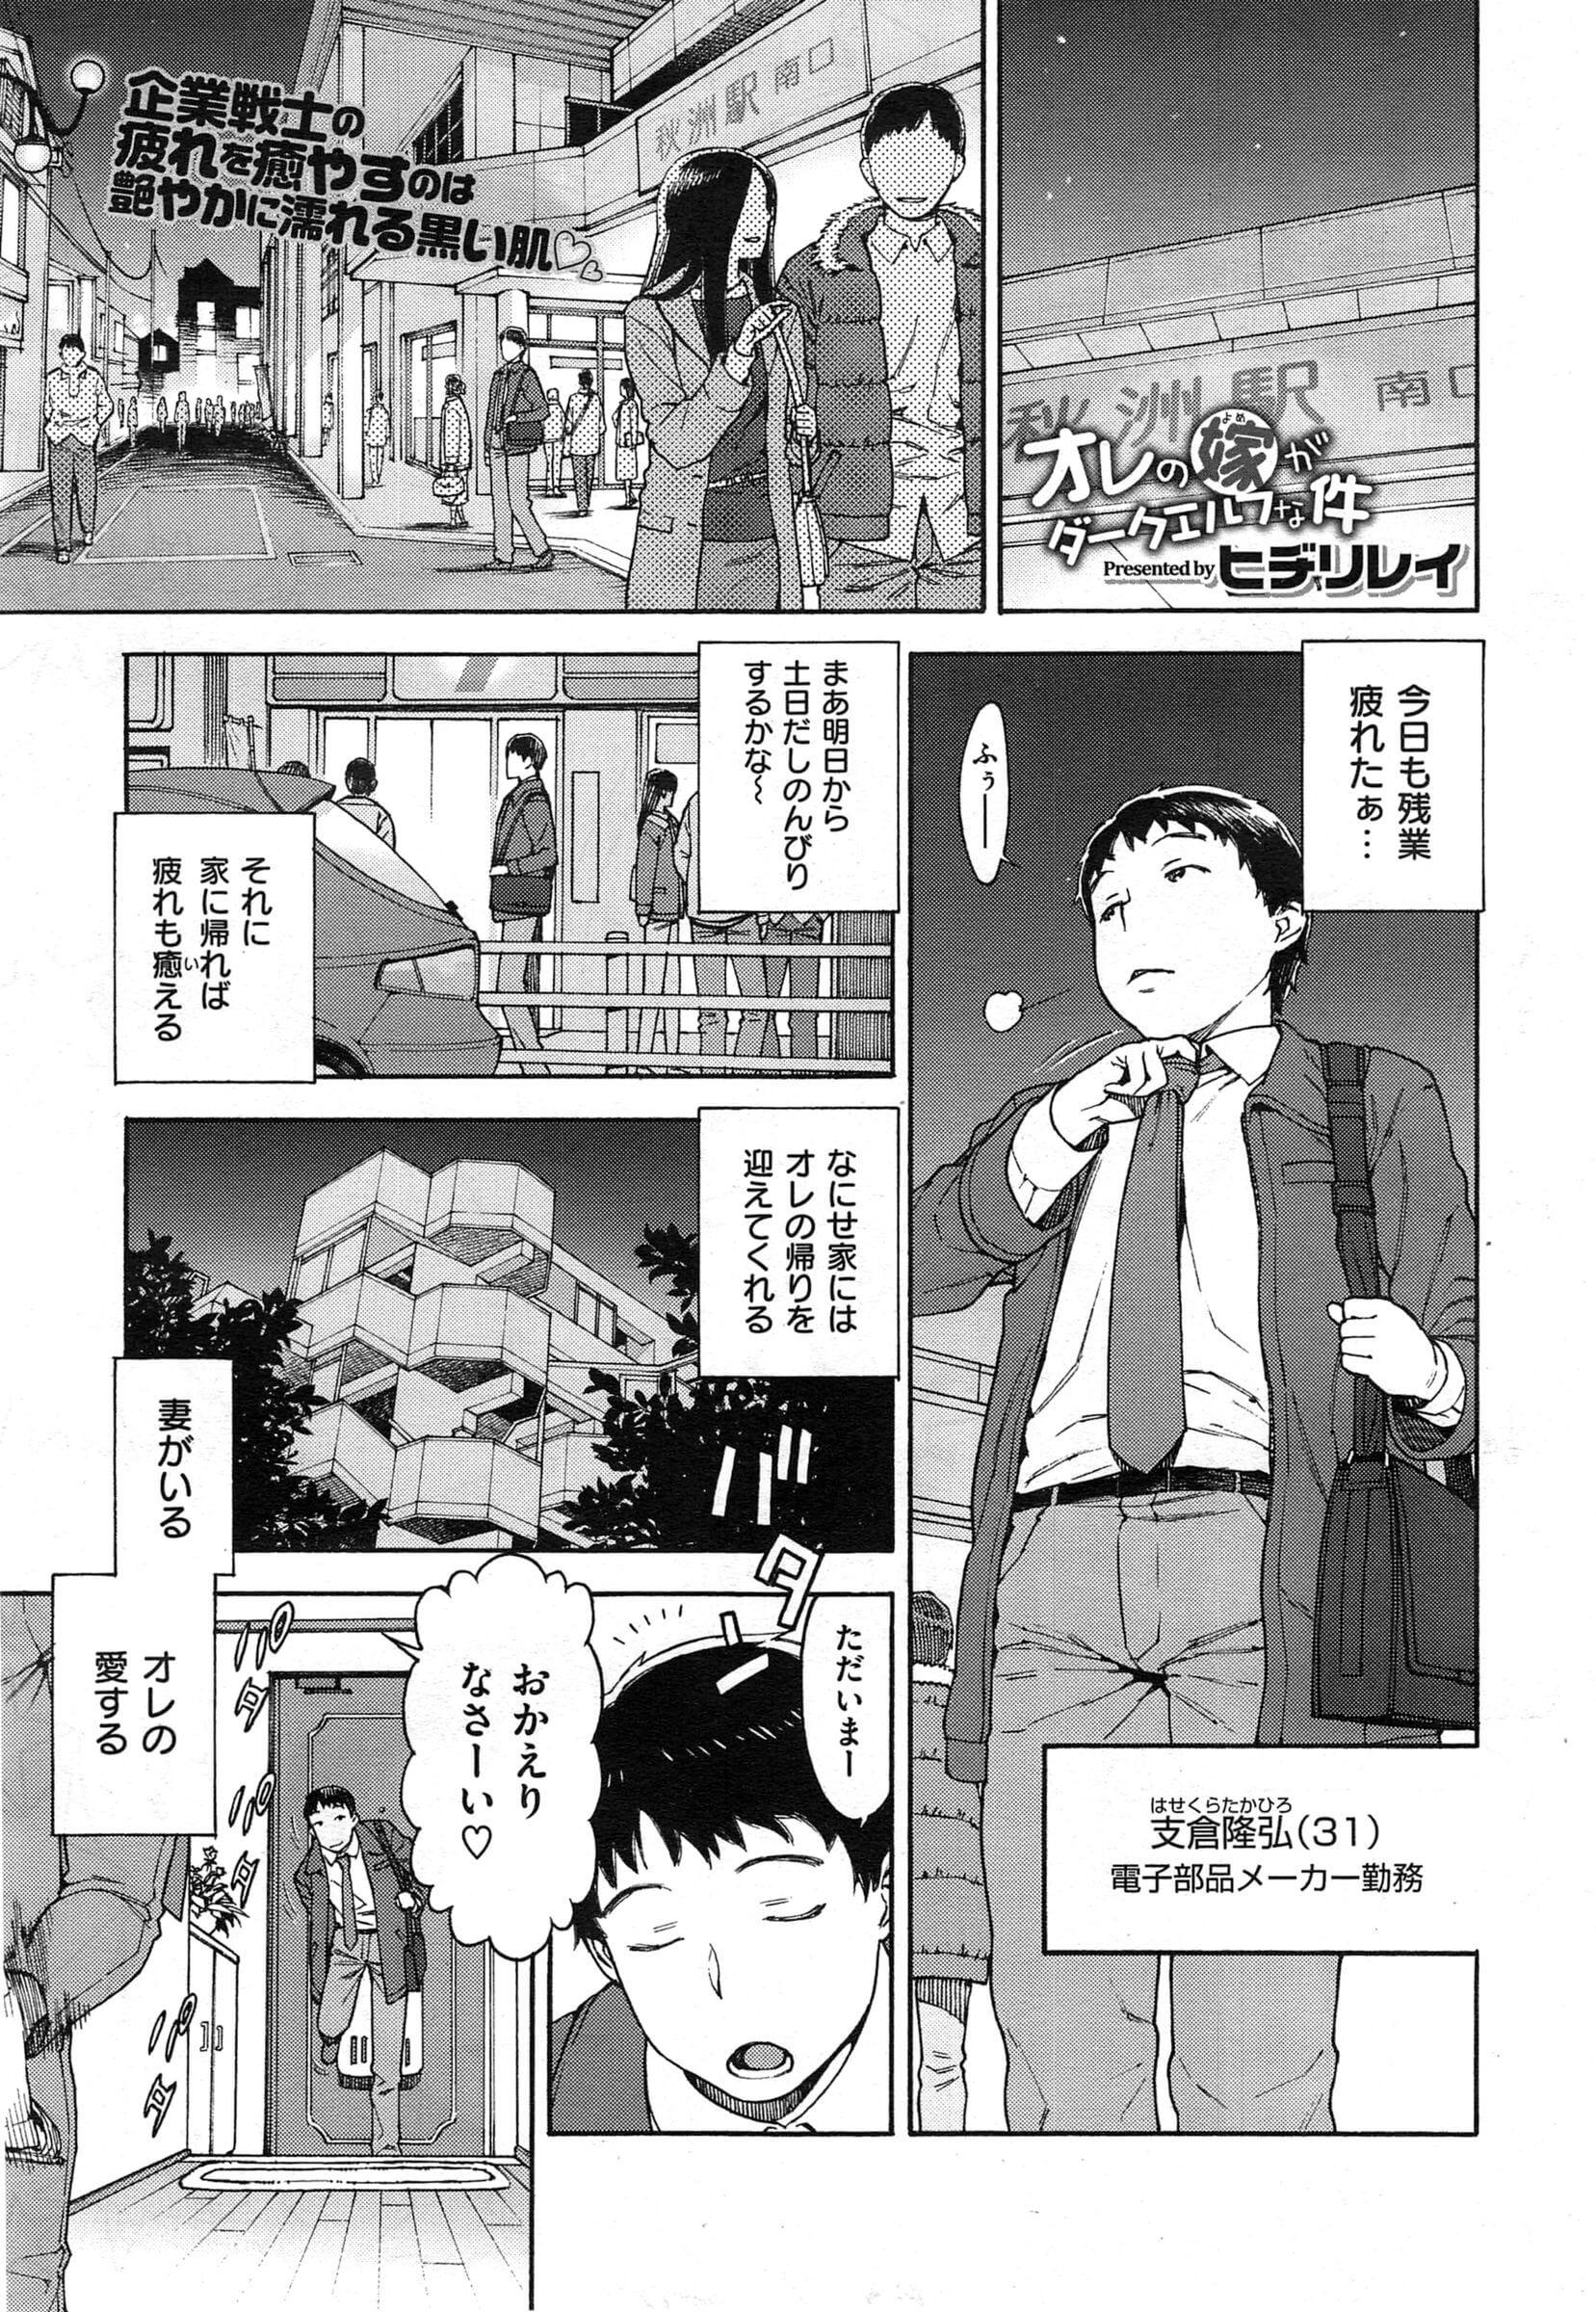 【エロ漫画】隣に住んでいるショタっ子に意識してしまい、JKのお姉さんは巨乳を揉ませて乳首を吸わせるw【無料 エロ同人】